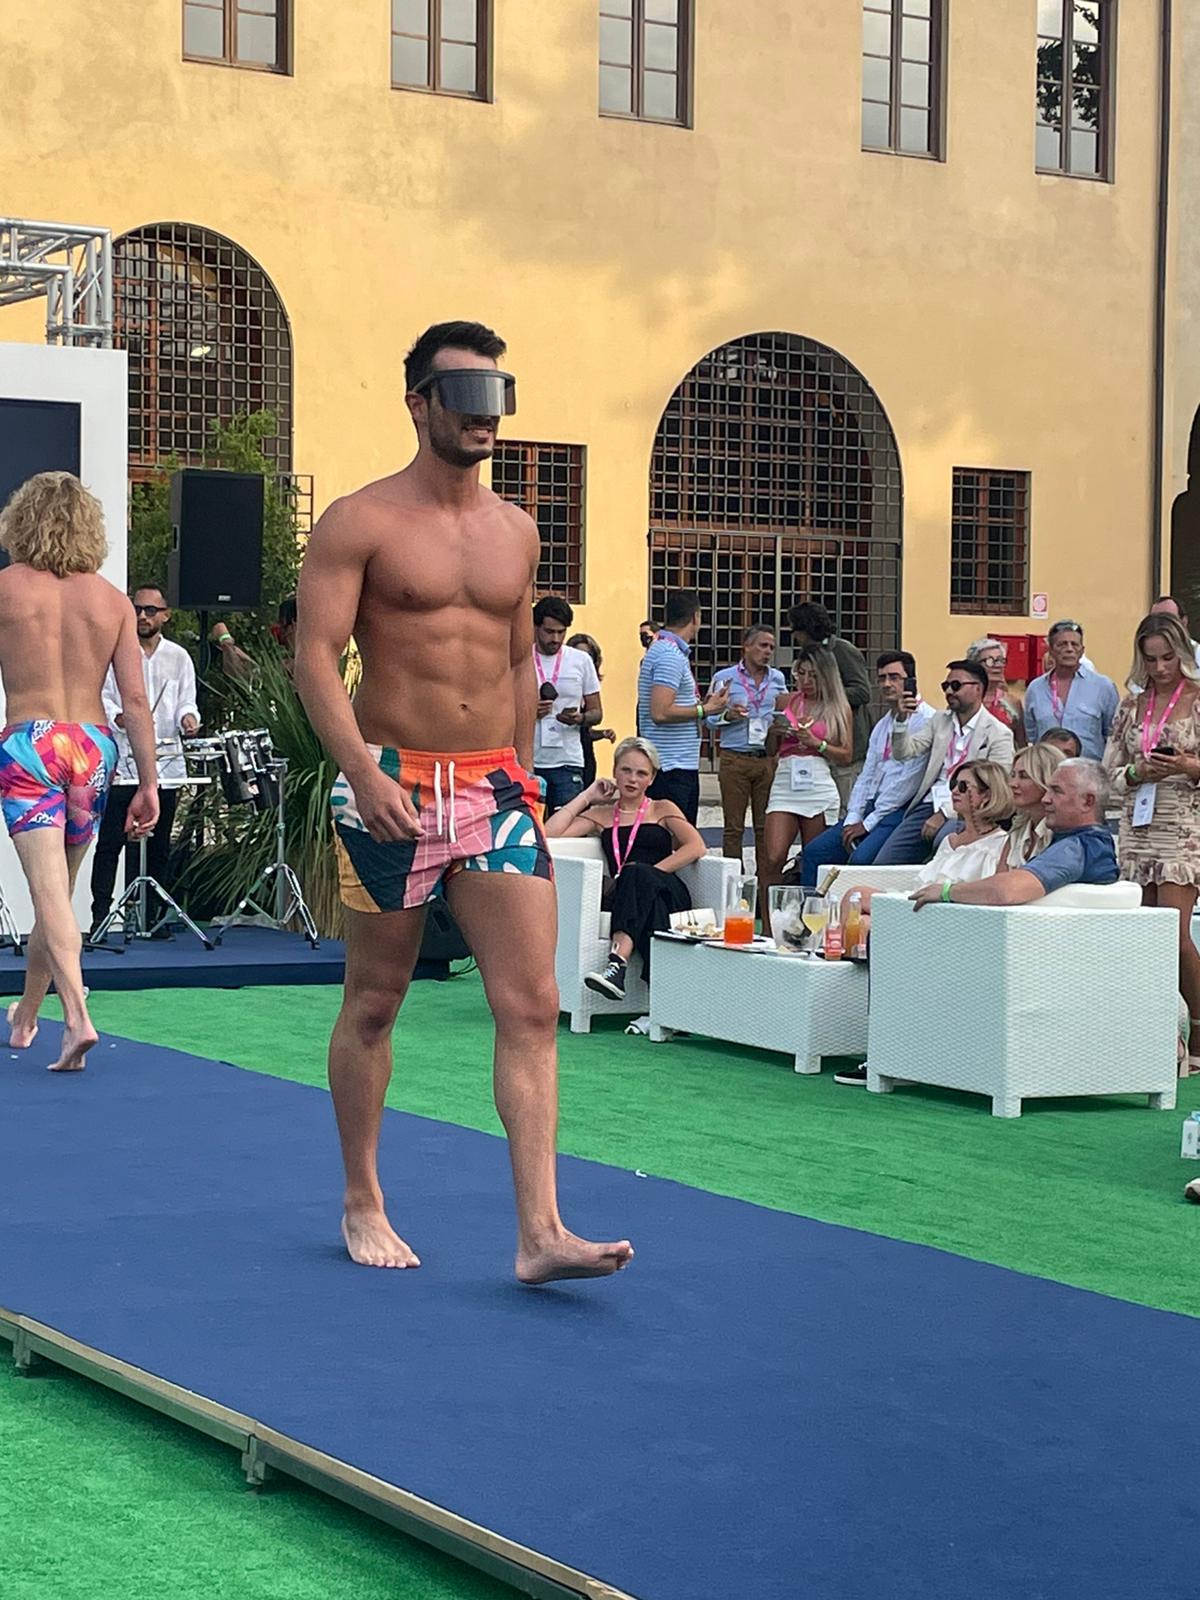 Diseñadores de Moda Cálida Gran Canaria participan en la Feria Internacional de Moda Baño Maredamare